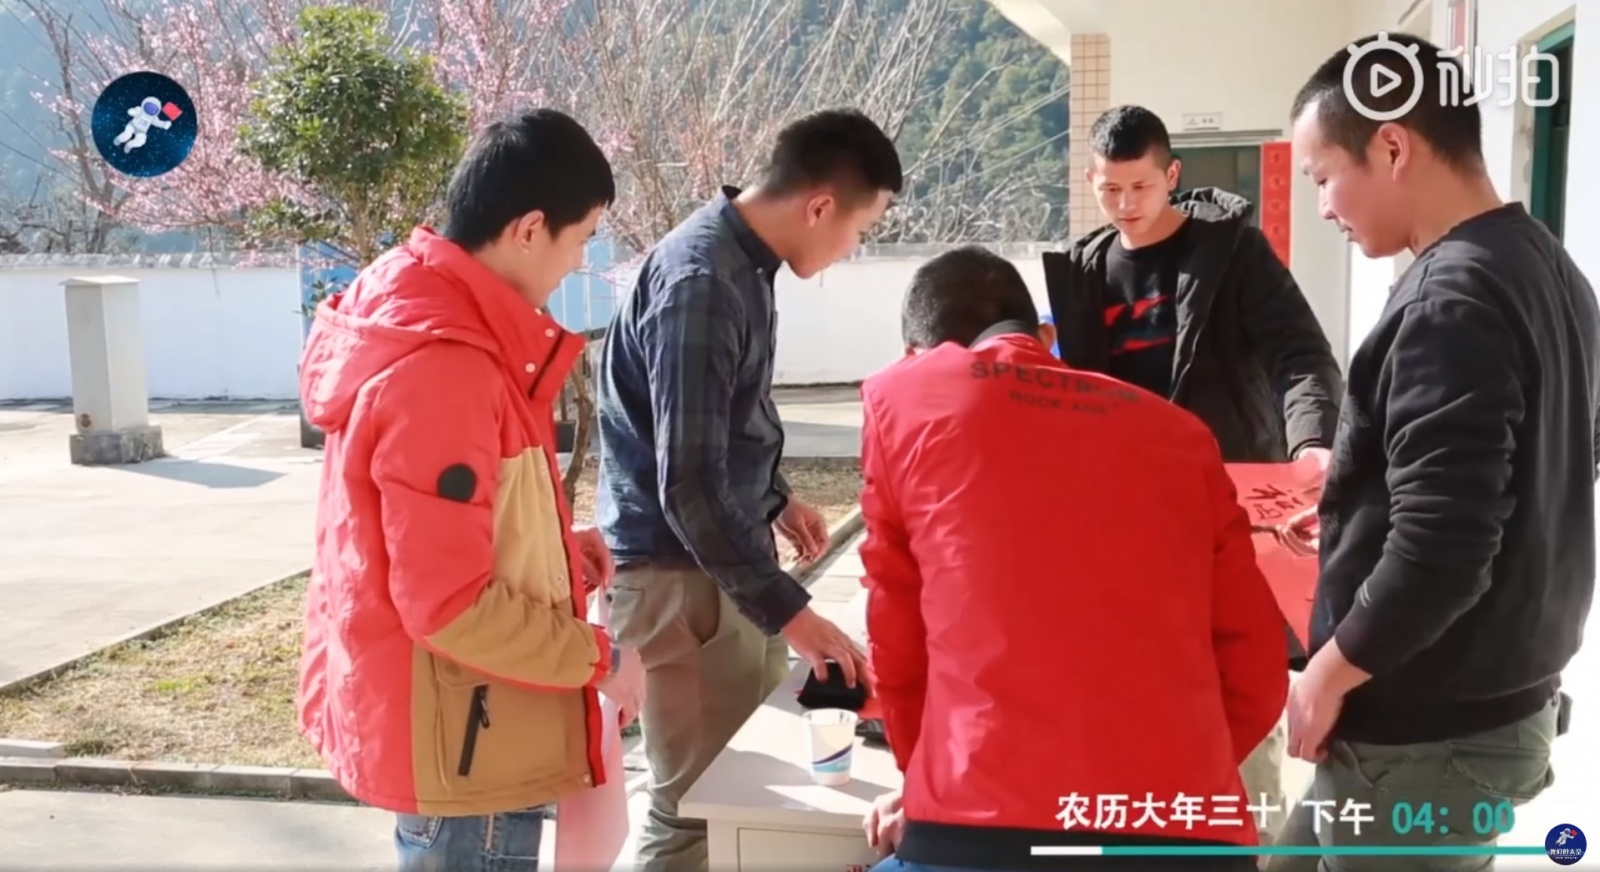 Суровая рабочая реальность — Китайский космодром Сичан (Xichang Satellite Launch Center — XSLC) - 66